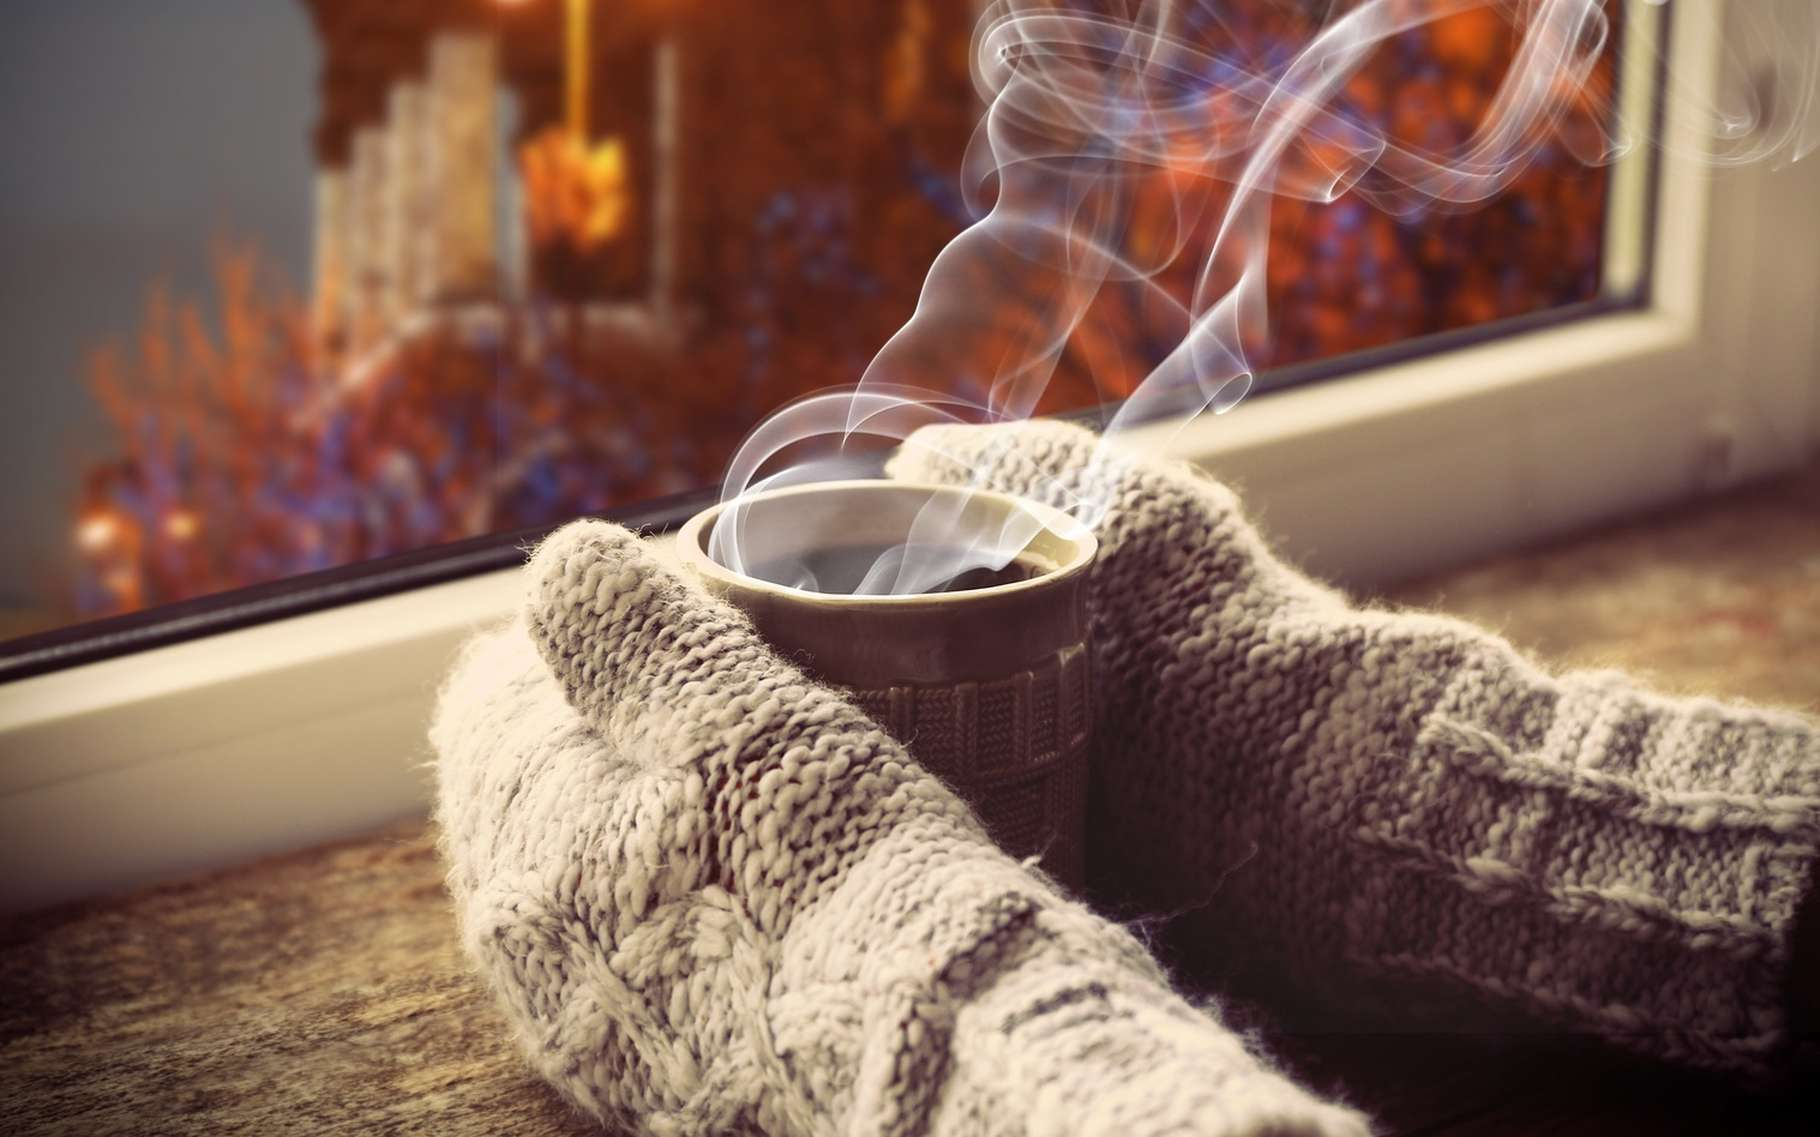 Le froid peut provoquer une crise de la maladie de Raynaud. La solution : se réchauffer et bouger les doigts. © Africa Studio, Shutterstock